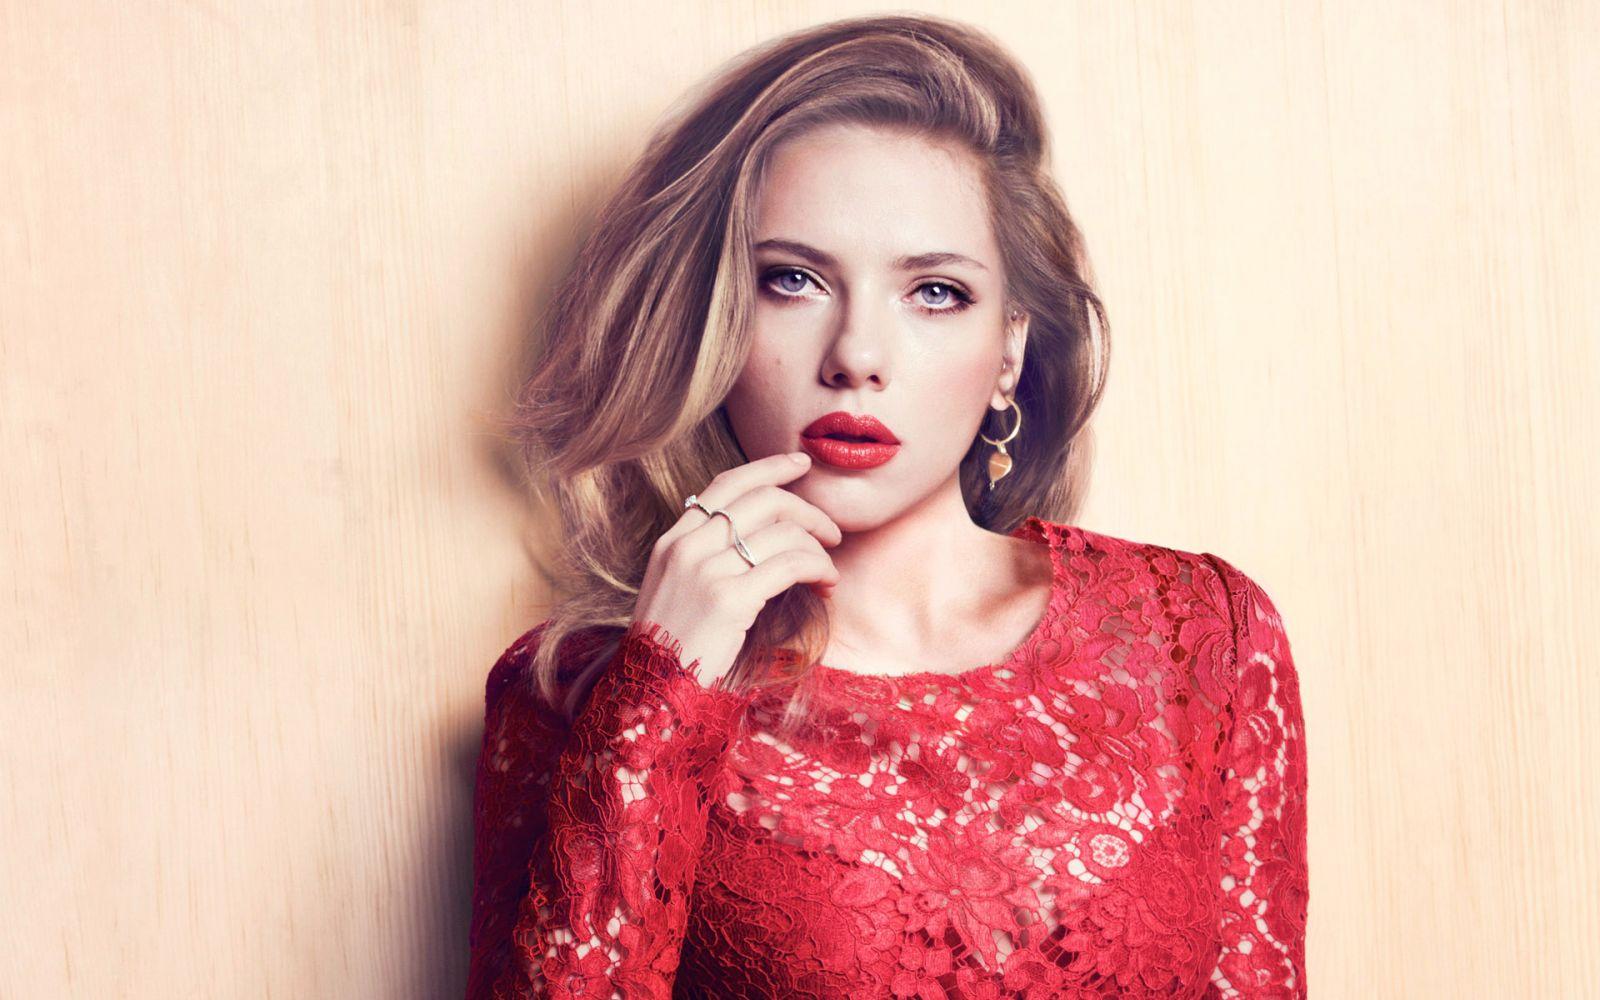 Кто стал самой сексуальной женщиной планеты 2015 по версии русского FHM - фото №16